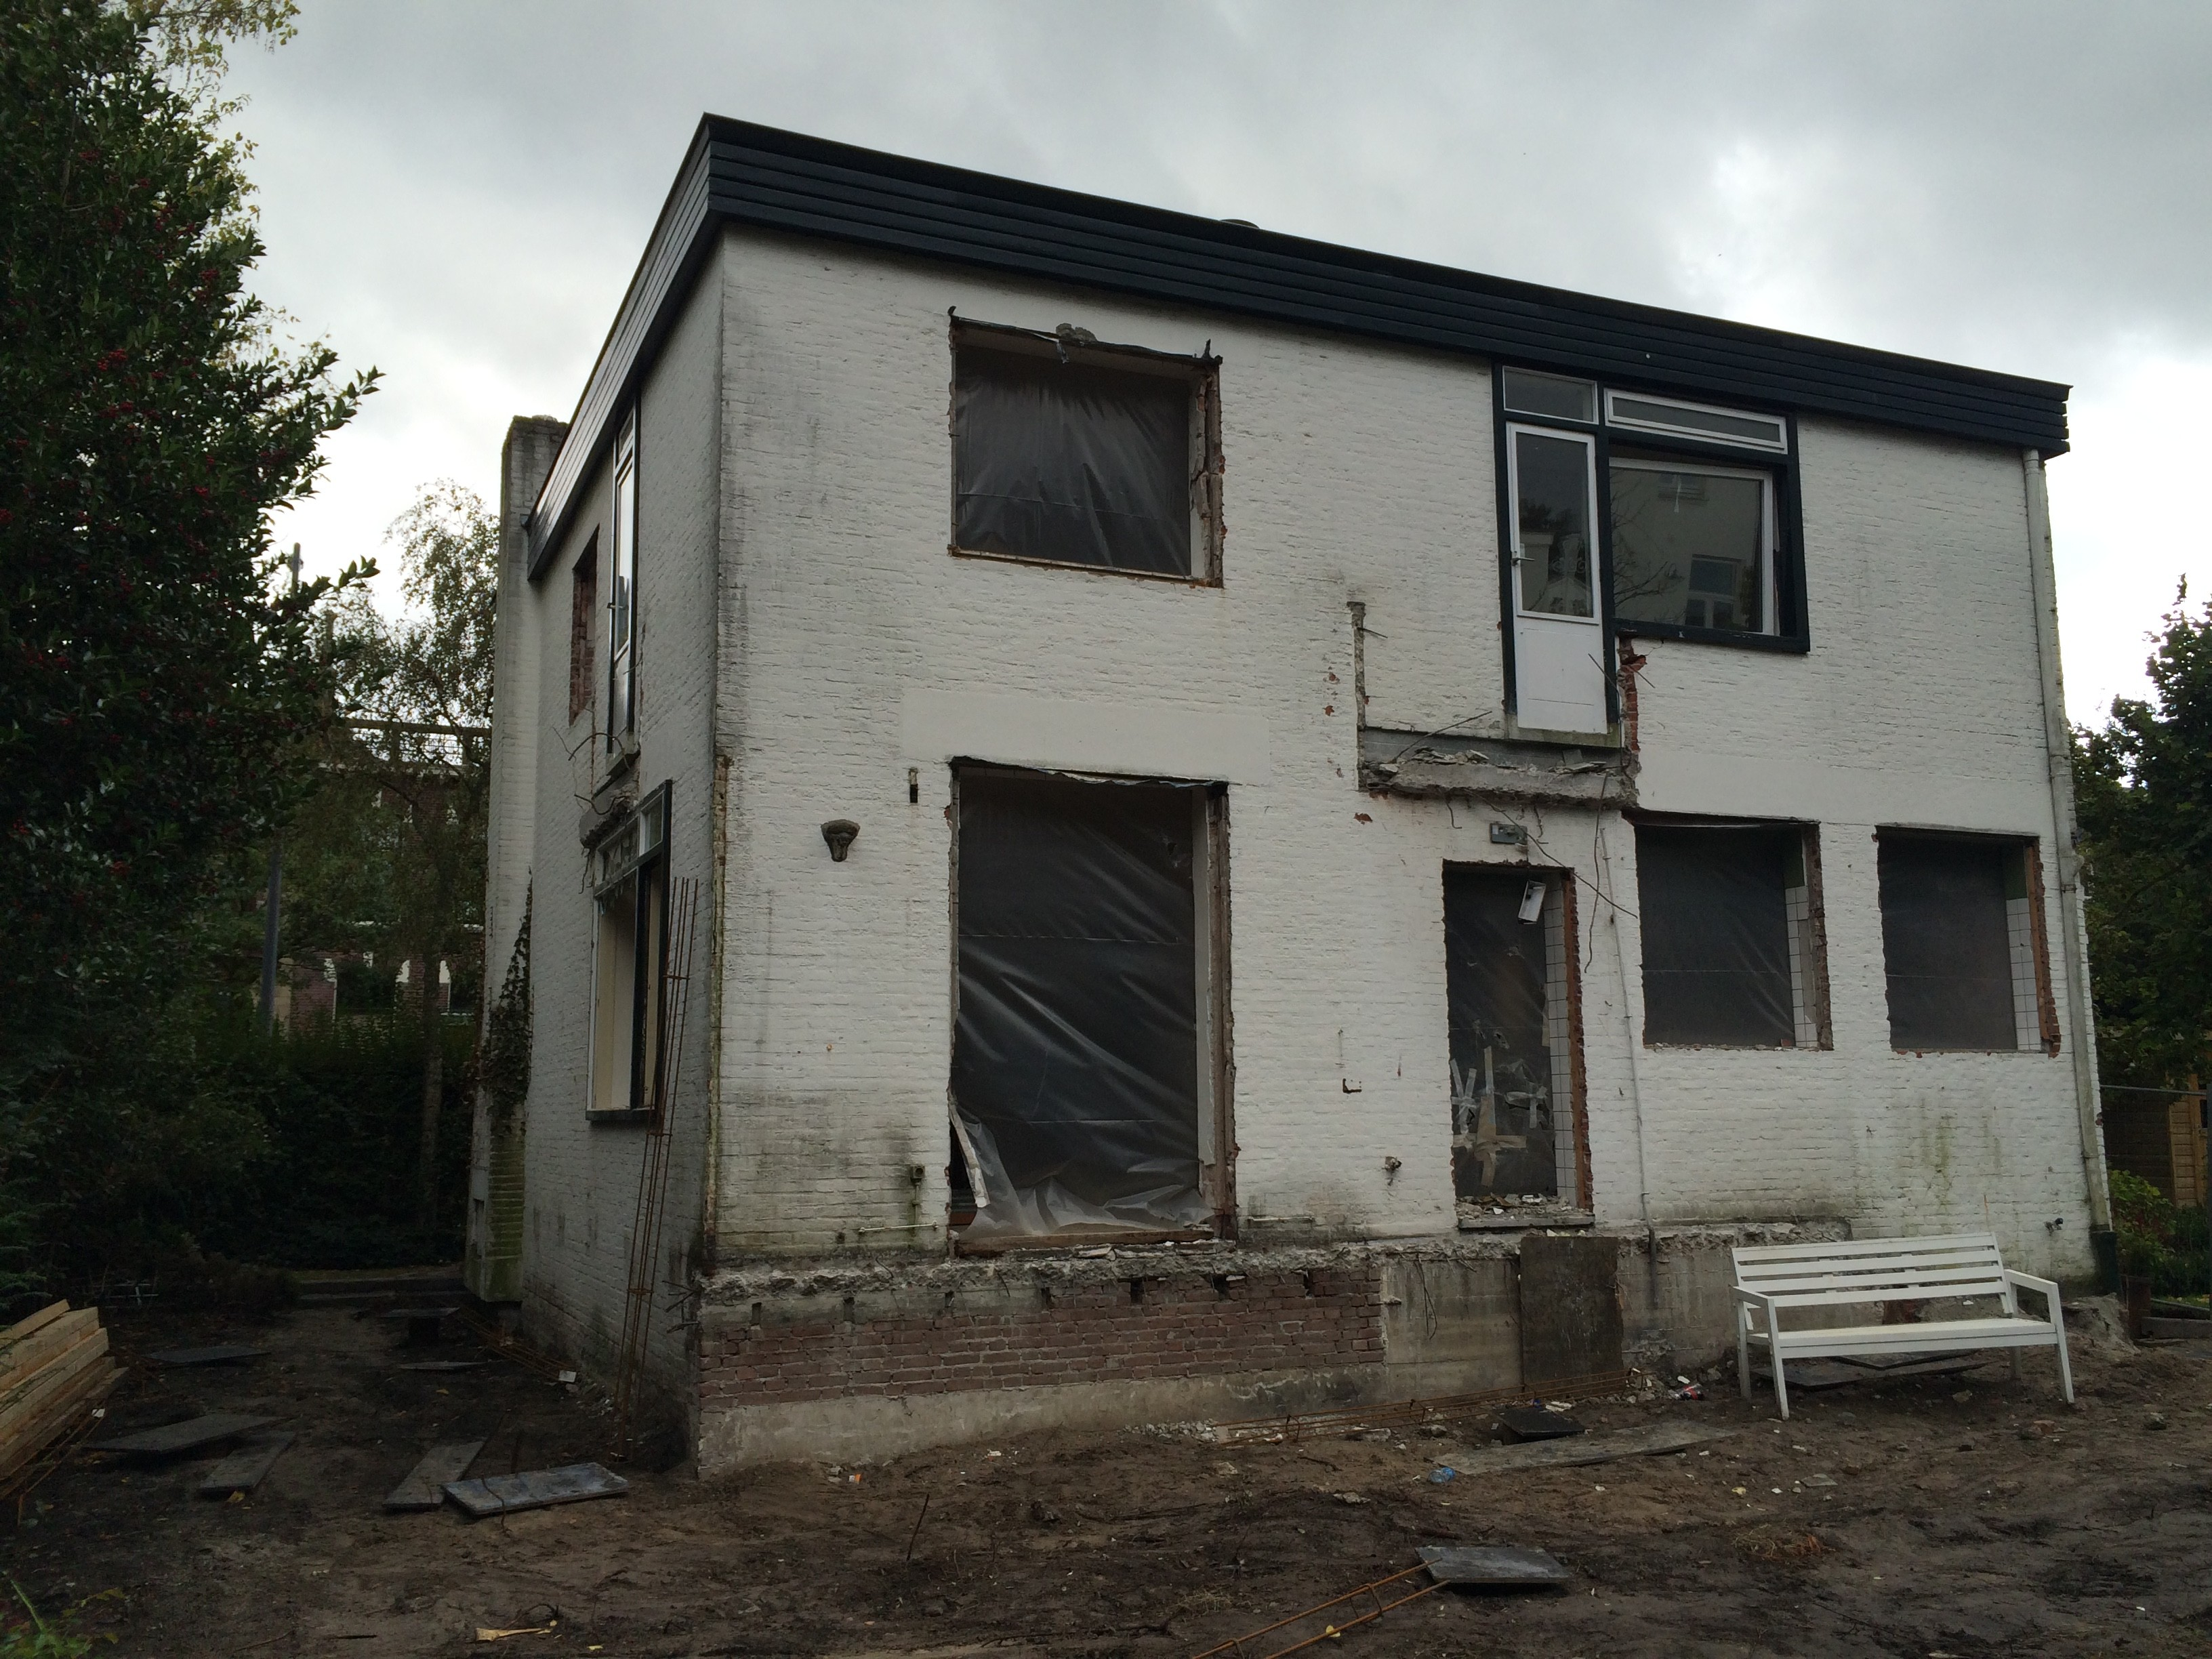 BKT_hoyt_kralingen_rotterdam_villa_renovatie_particulier_VHR_MHB_verbouwing_uitbreiding_directievoering_toezicht_15.jpg